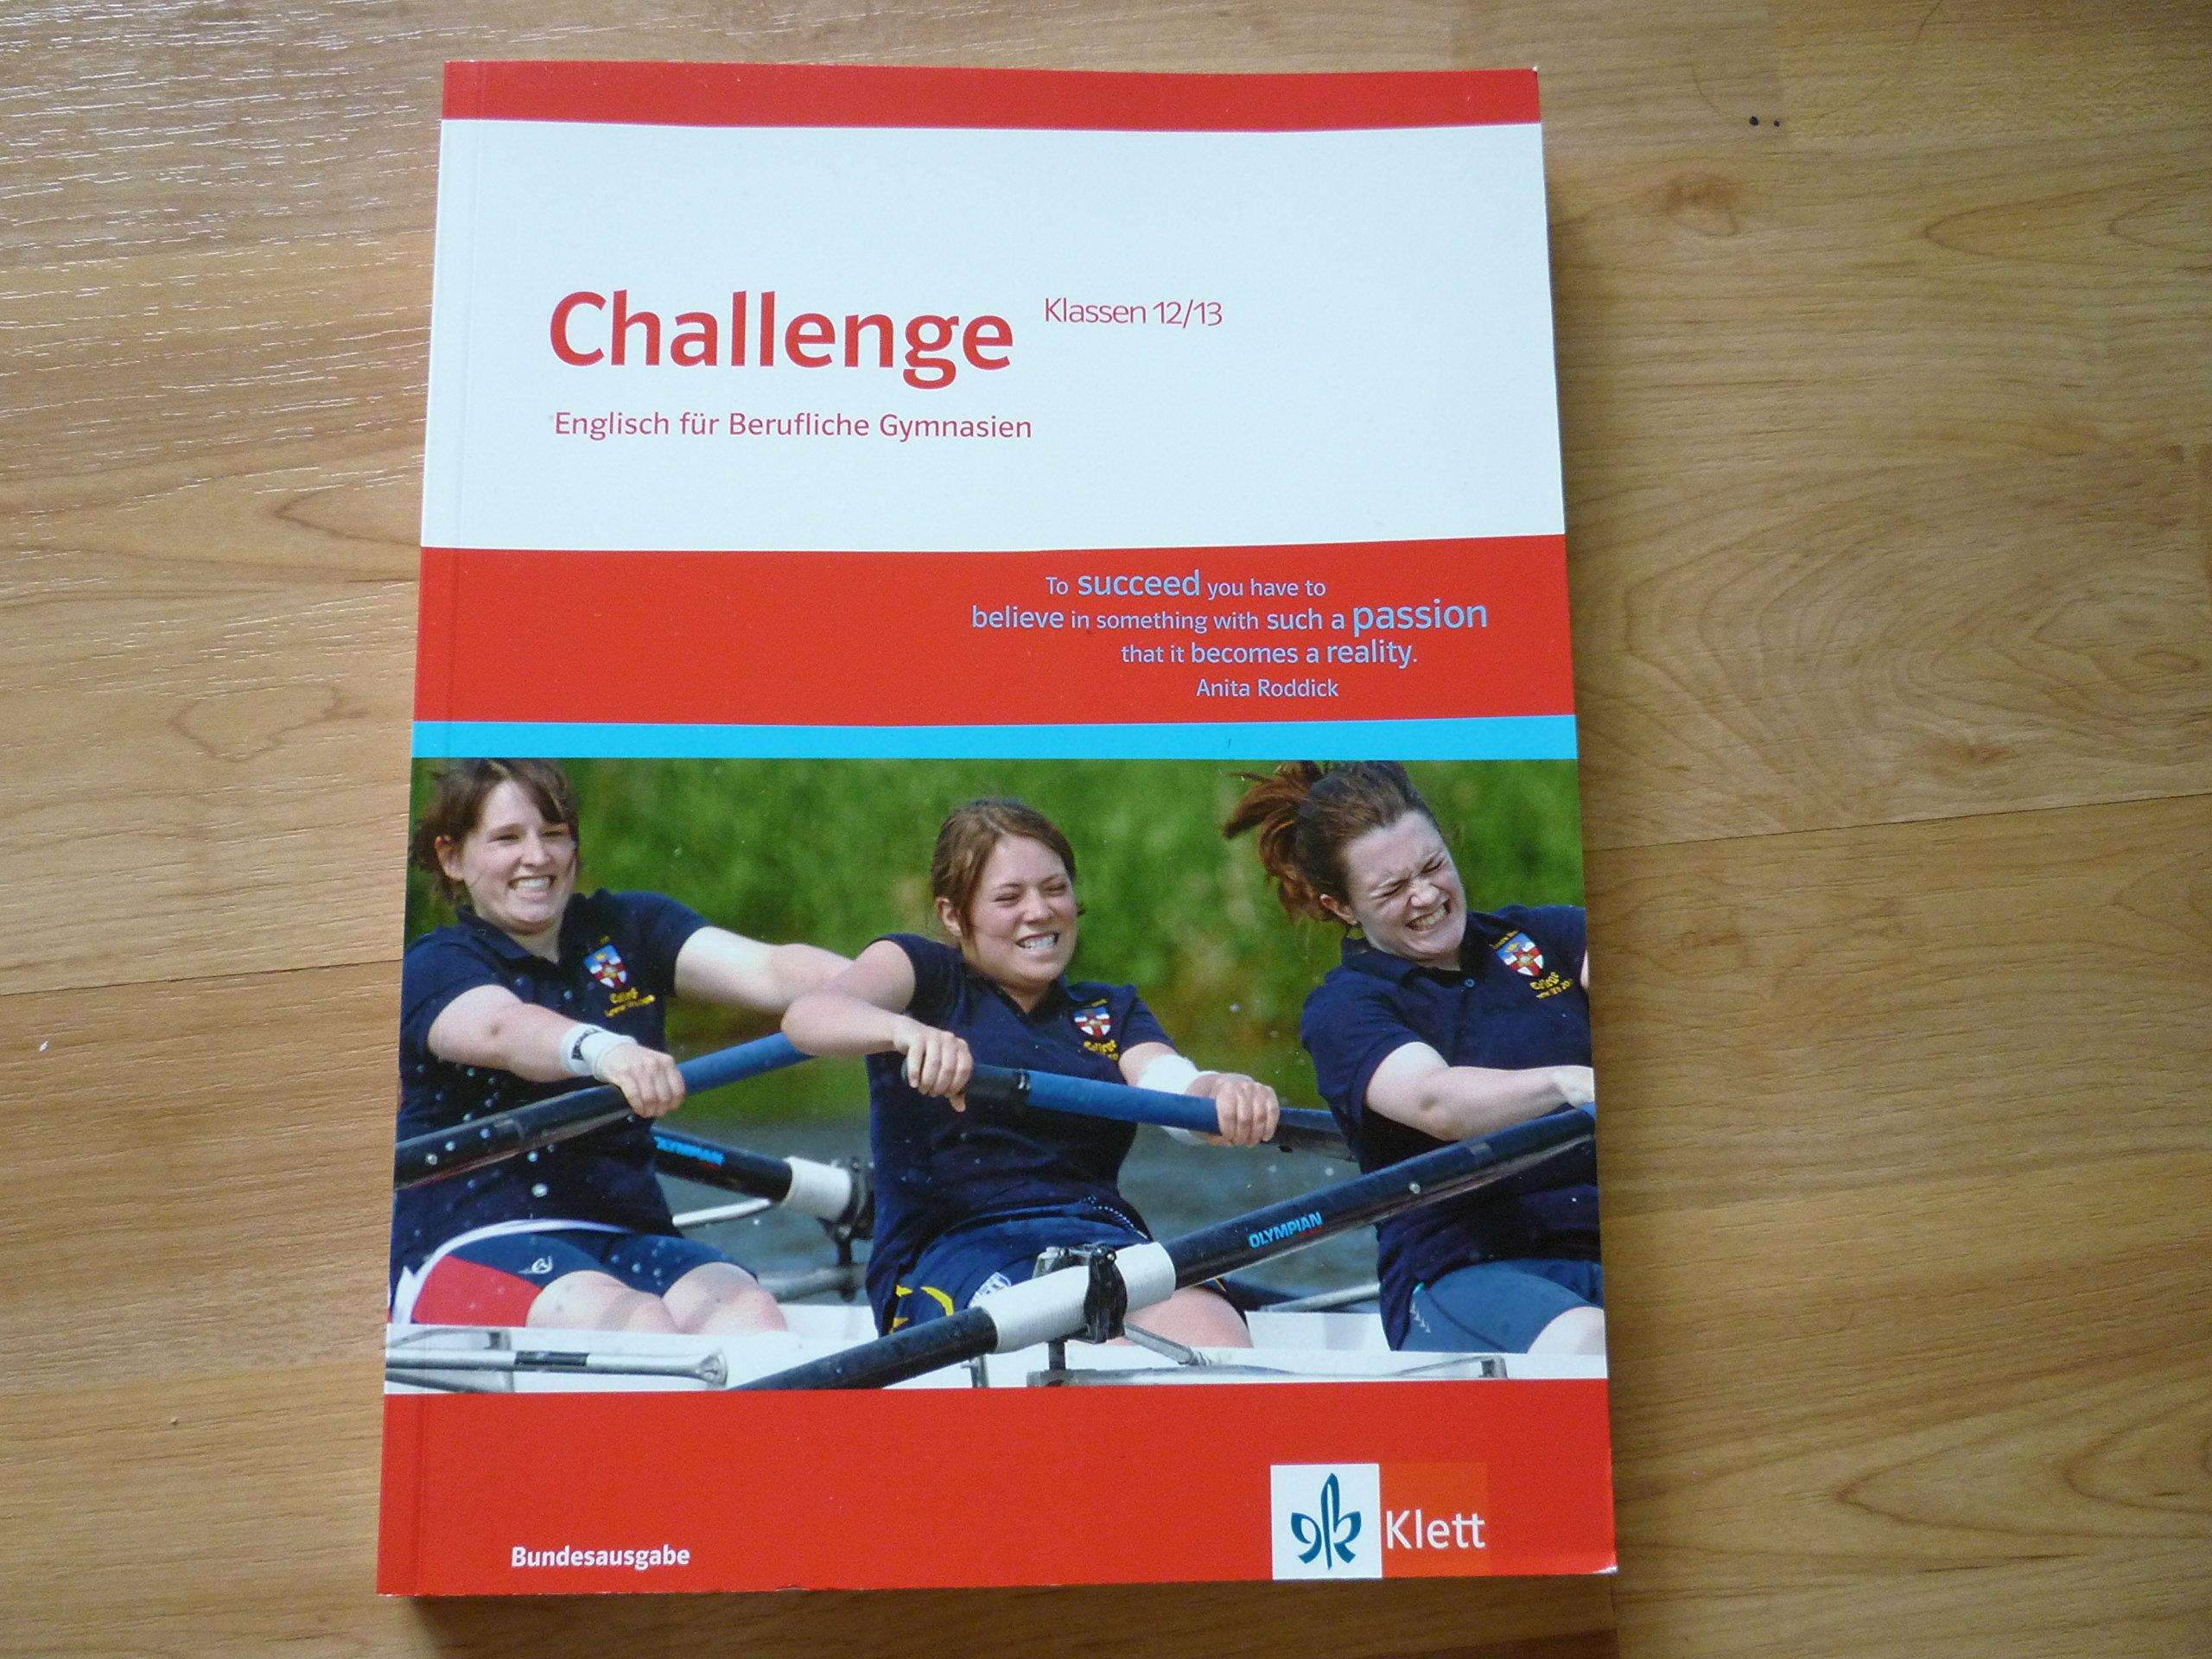 Challenge / Englisch für berufliche Gymnasien: Challenge / Schülerbuch Klasse 12/13. Bundesausgabe: Englisch für berufliche Gymnasien